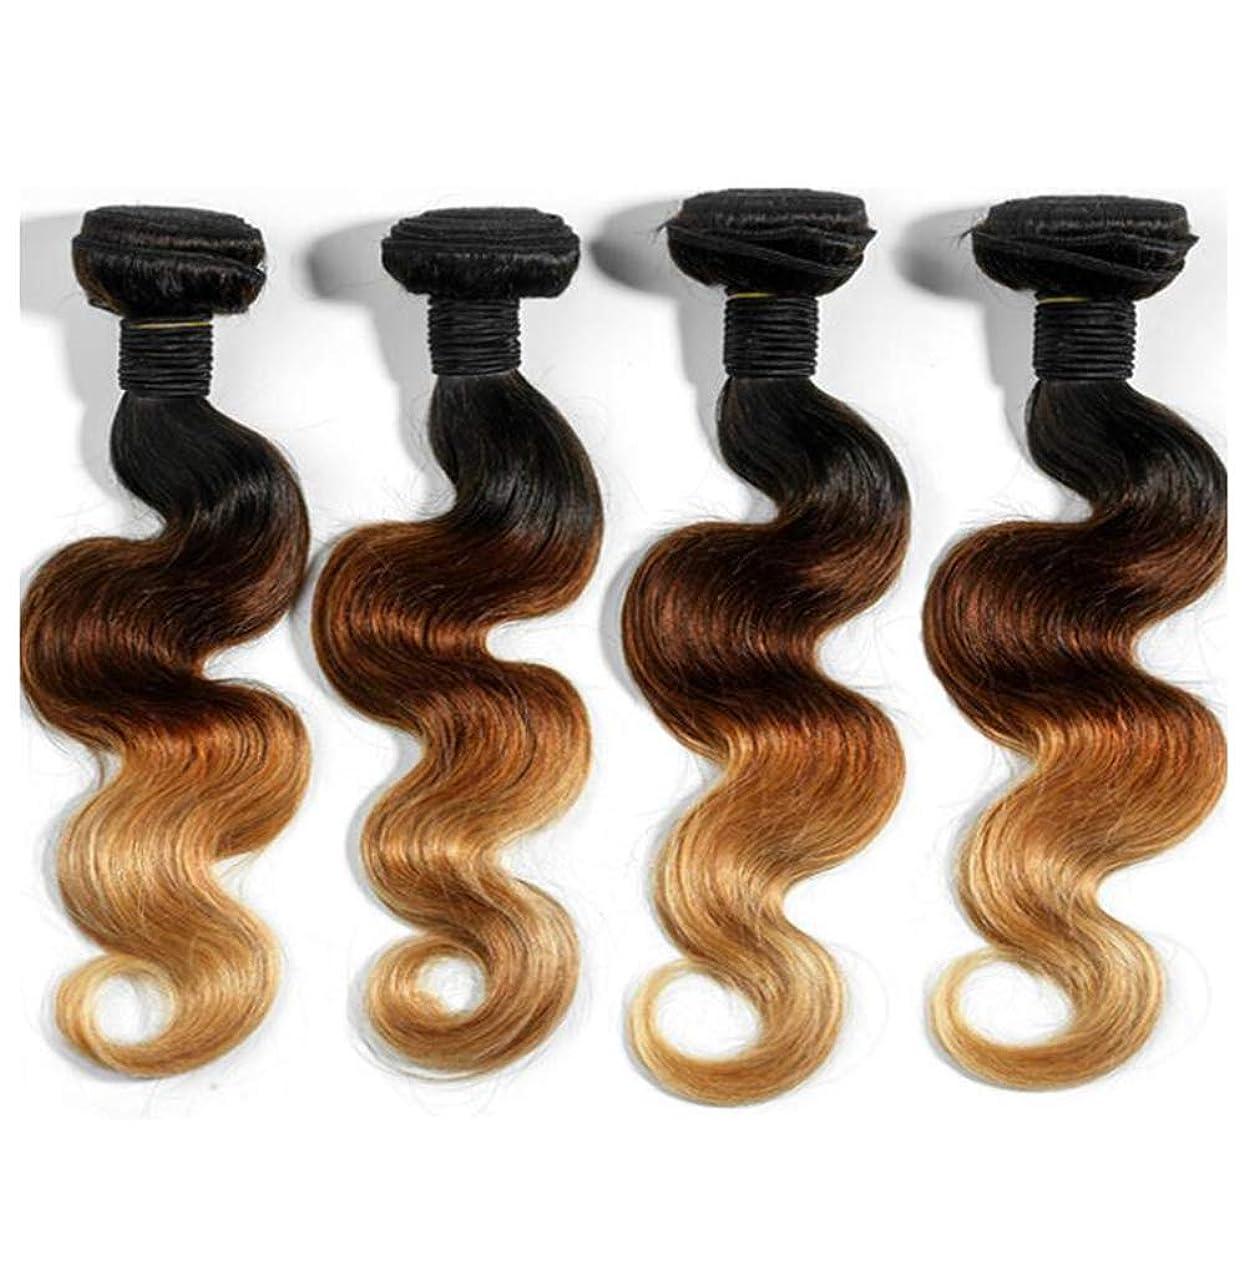 視線正当な未接続女性のための人間の毛髪のかつらブラジルのバージンかつらと赤ちゃんの髪 130% 密度